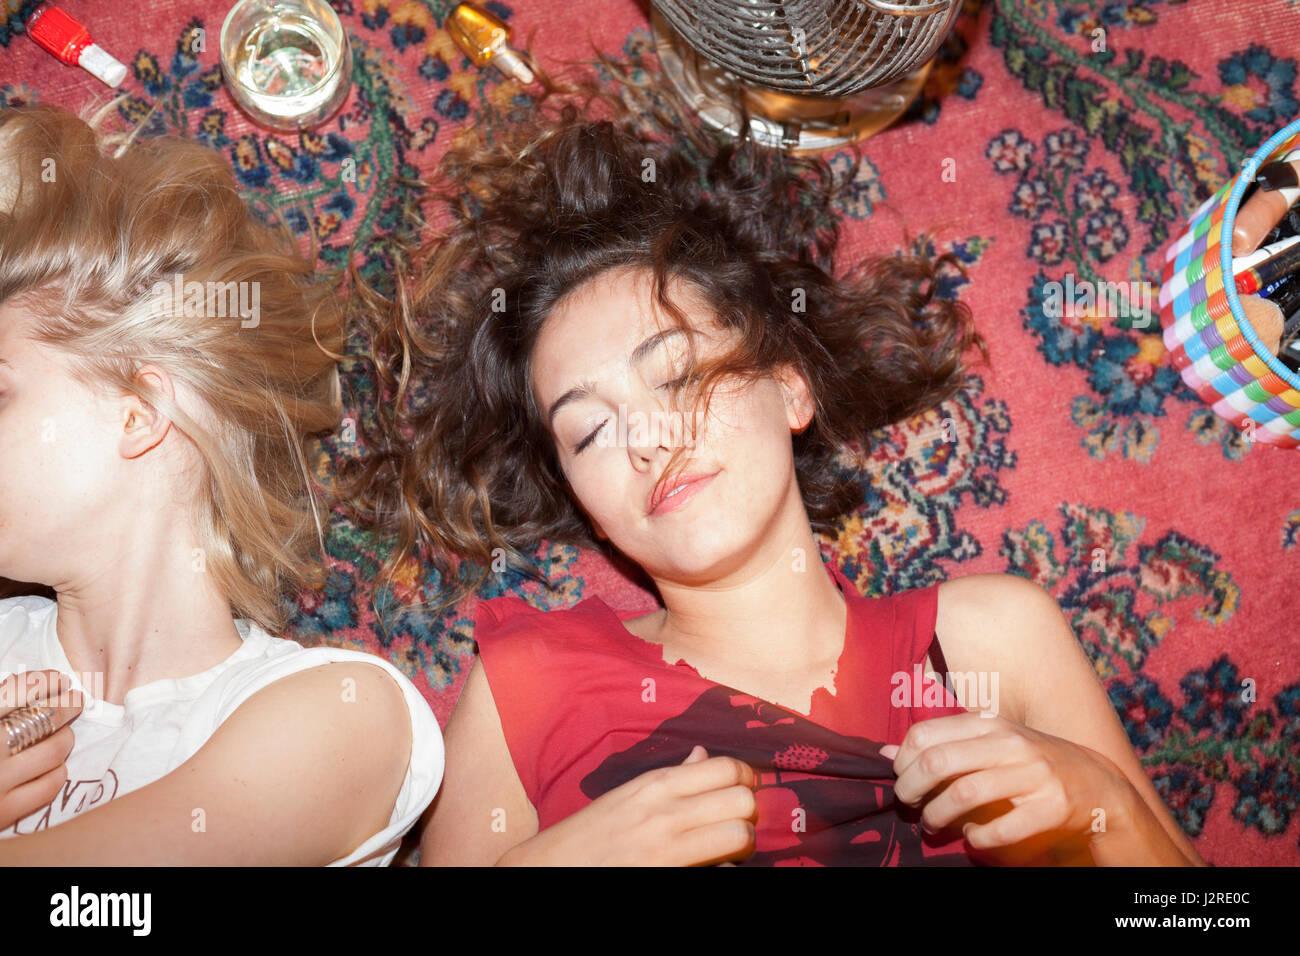 Portrait de deux jeunes femmes ludique Photo Stock